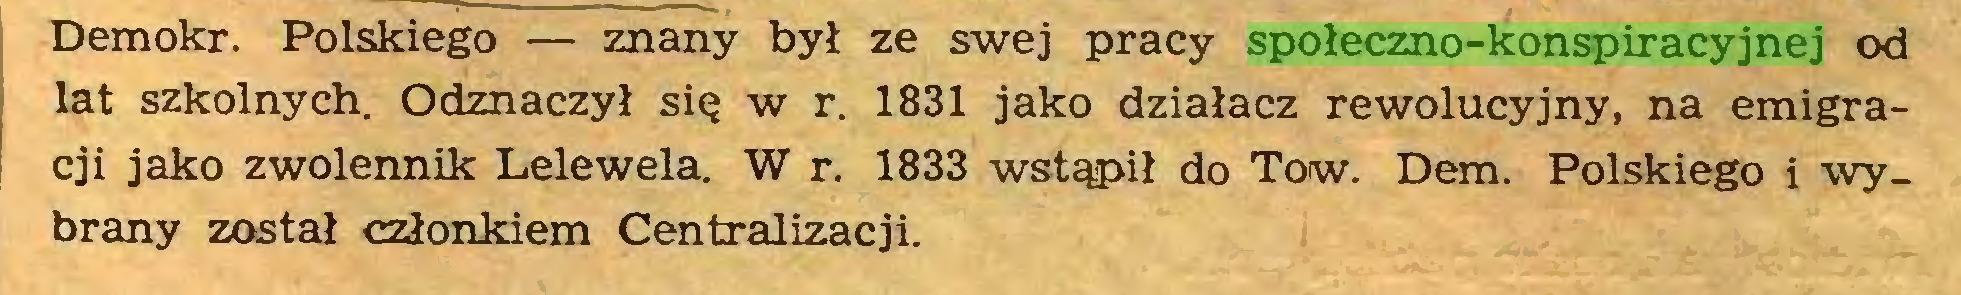 (...) Demokr. Polskiego — znany był ze swej pracy społeczno-konspiracyjnej od lat szkolnych. Odznaczył się w r. 1831 jako działacz rewolucyjny, na emigracji jako zwolennik Lelewela. W r. 1833 wstąpił do Tow. Dem. Polskiego i -wybrany został członkiem Centralizacji...